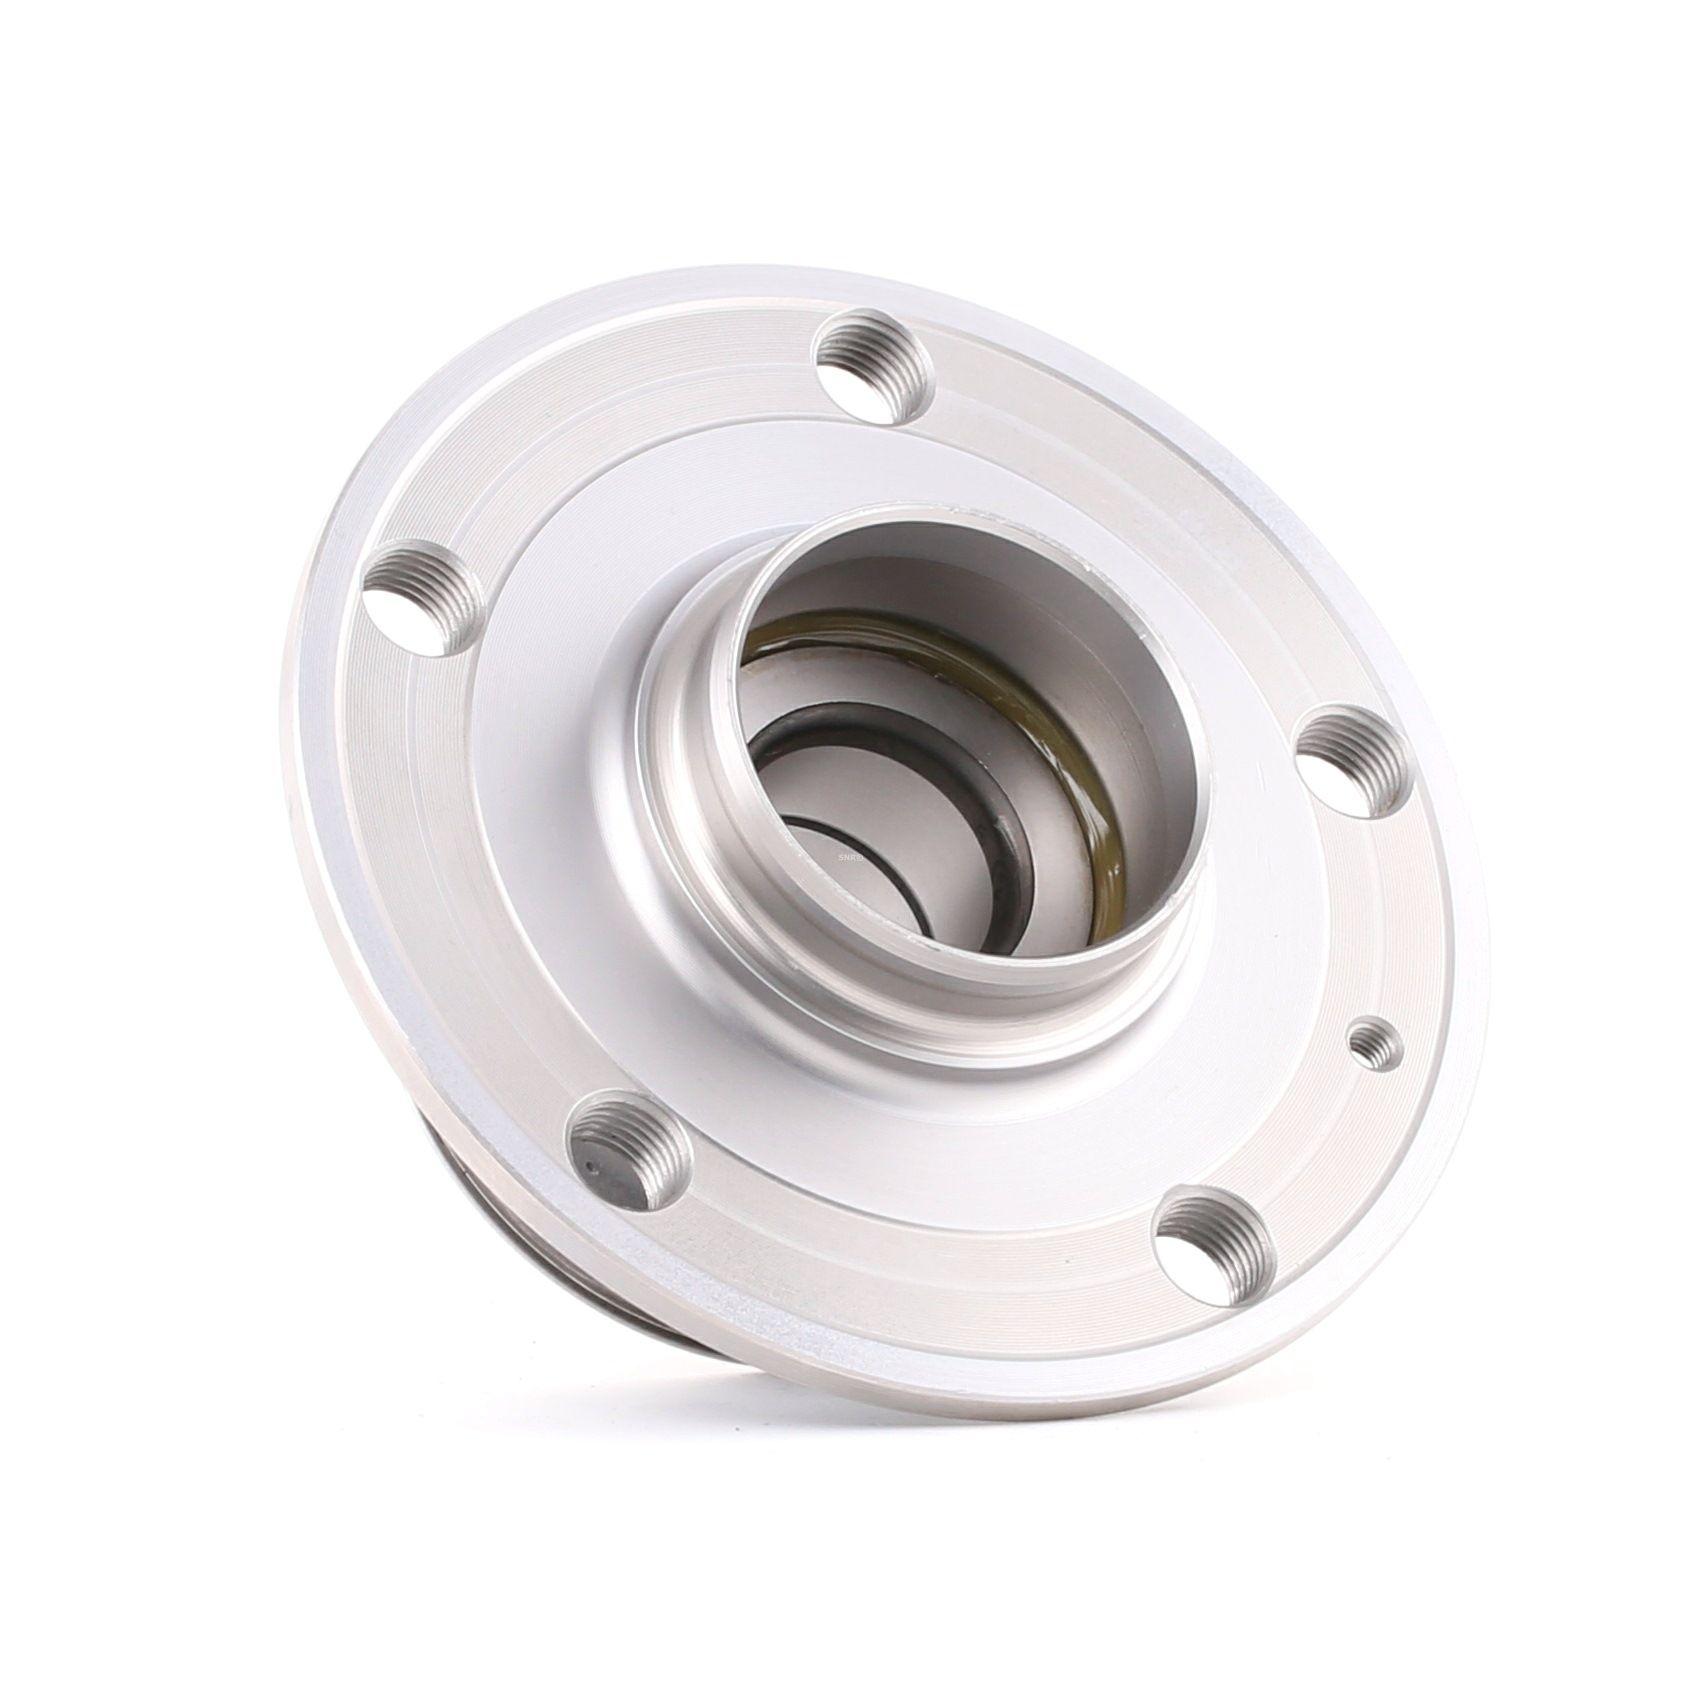 Radlager & Radlagersatz SNR R154.55 Bewertung